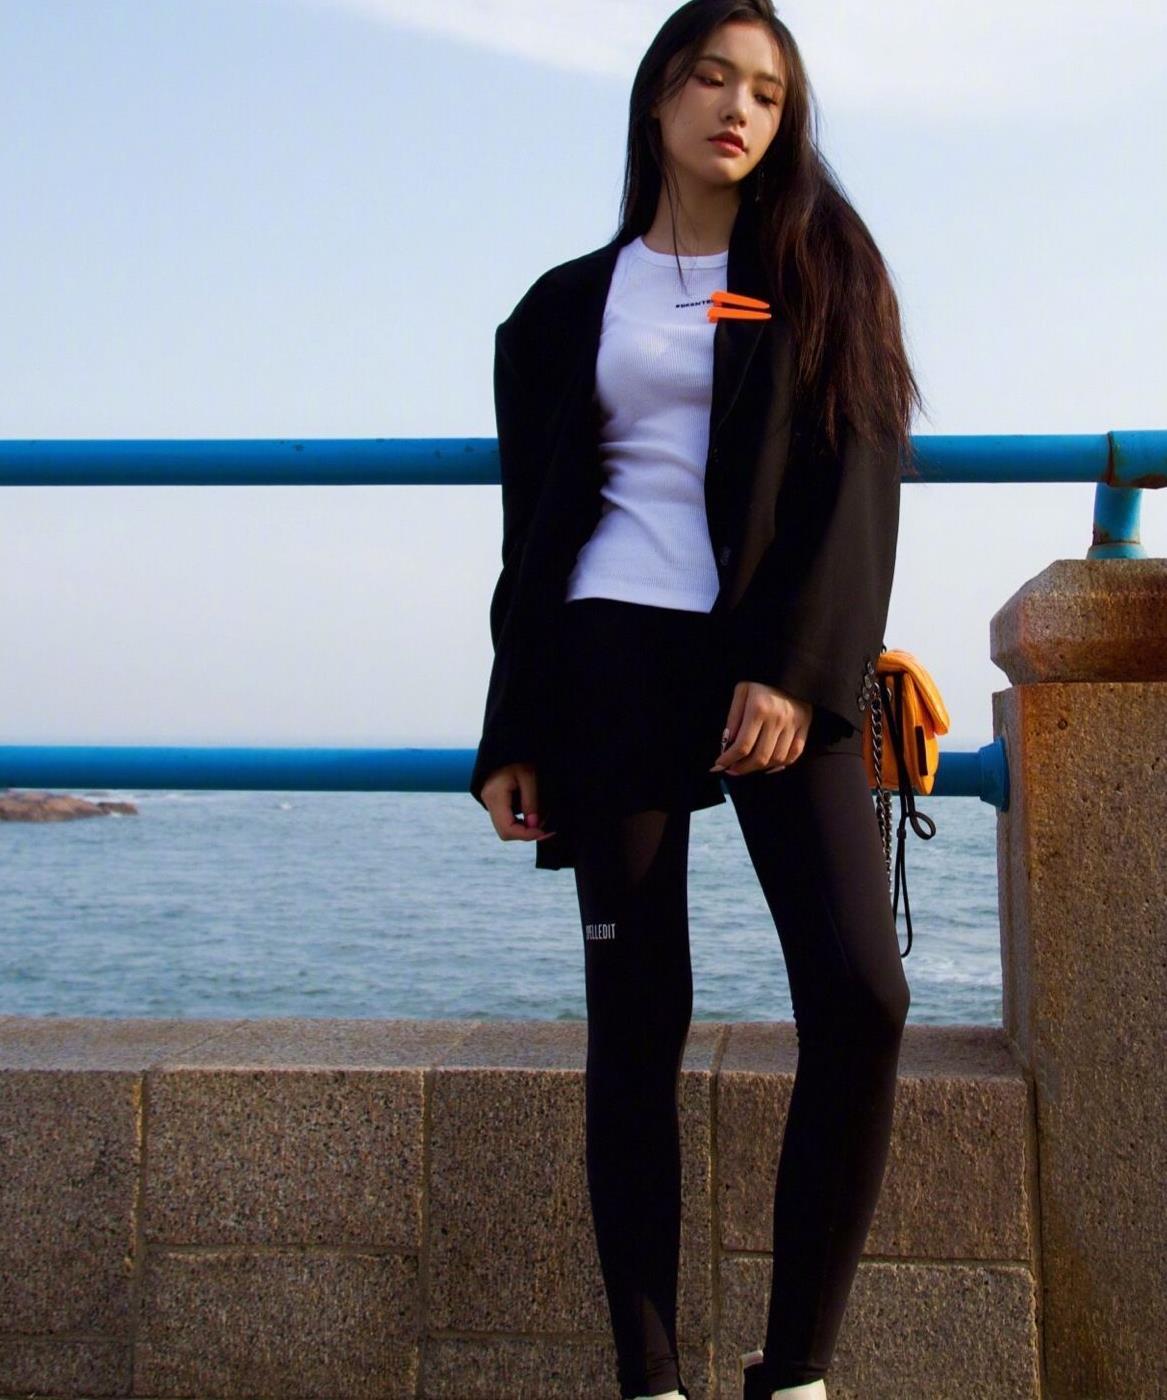 林允晒私服穿搭,西装搭配瘦腿裤休闲风满满,飘逸长发时尚又养眼